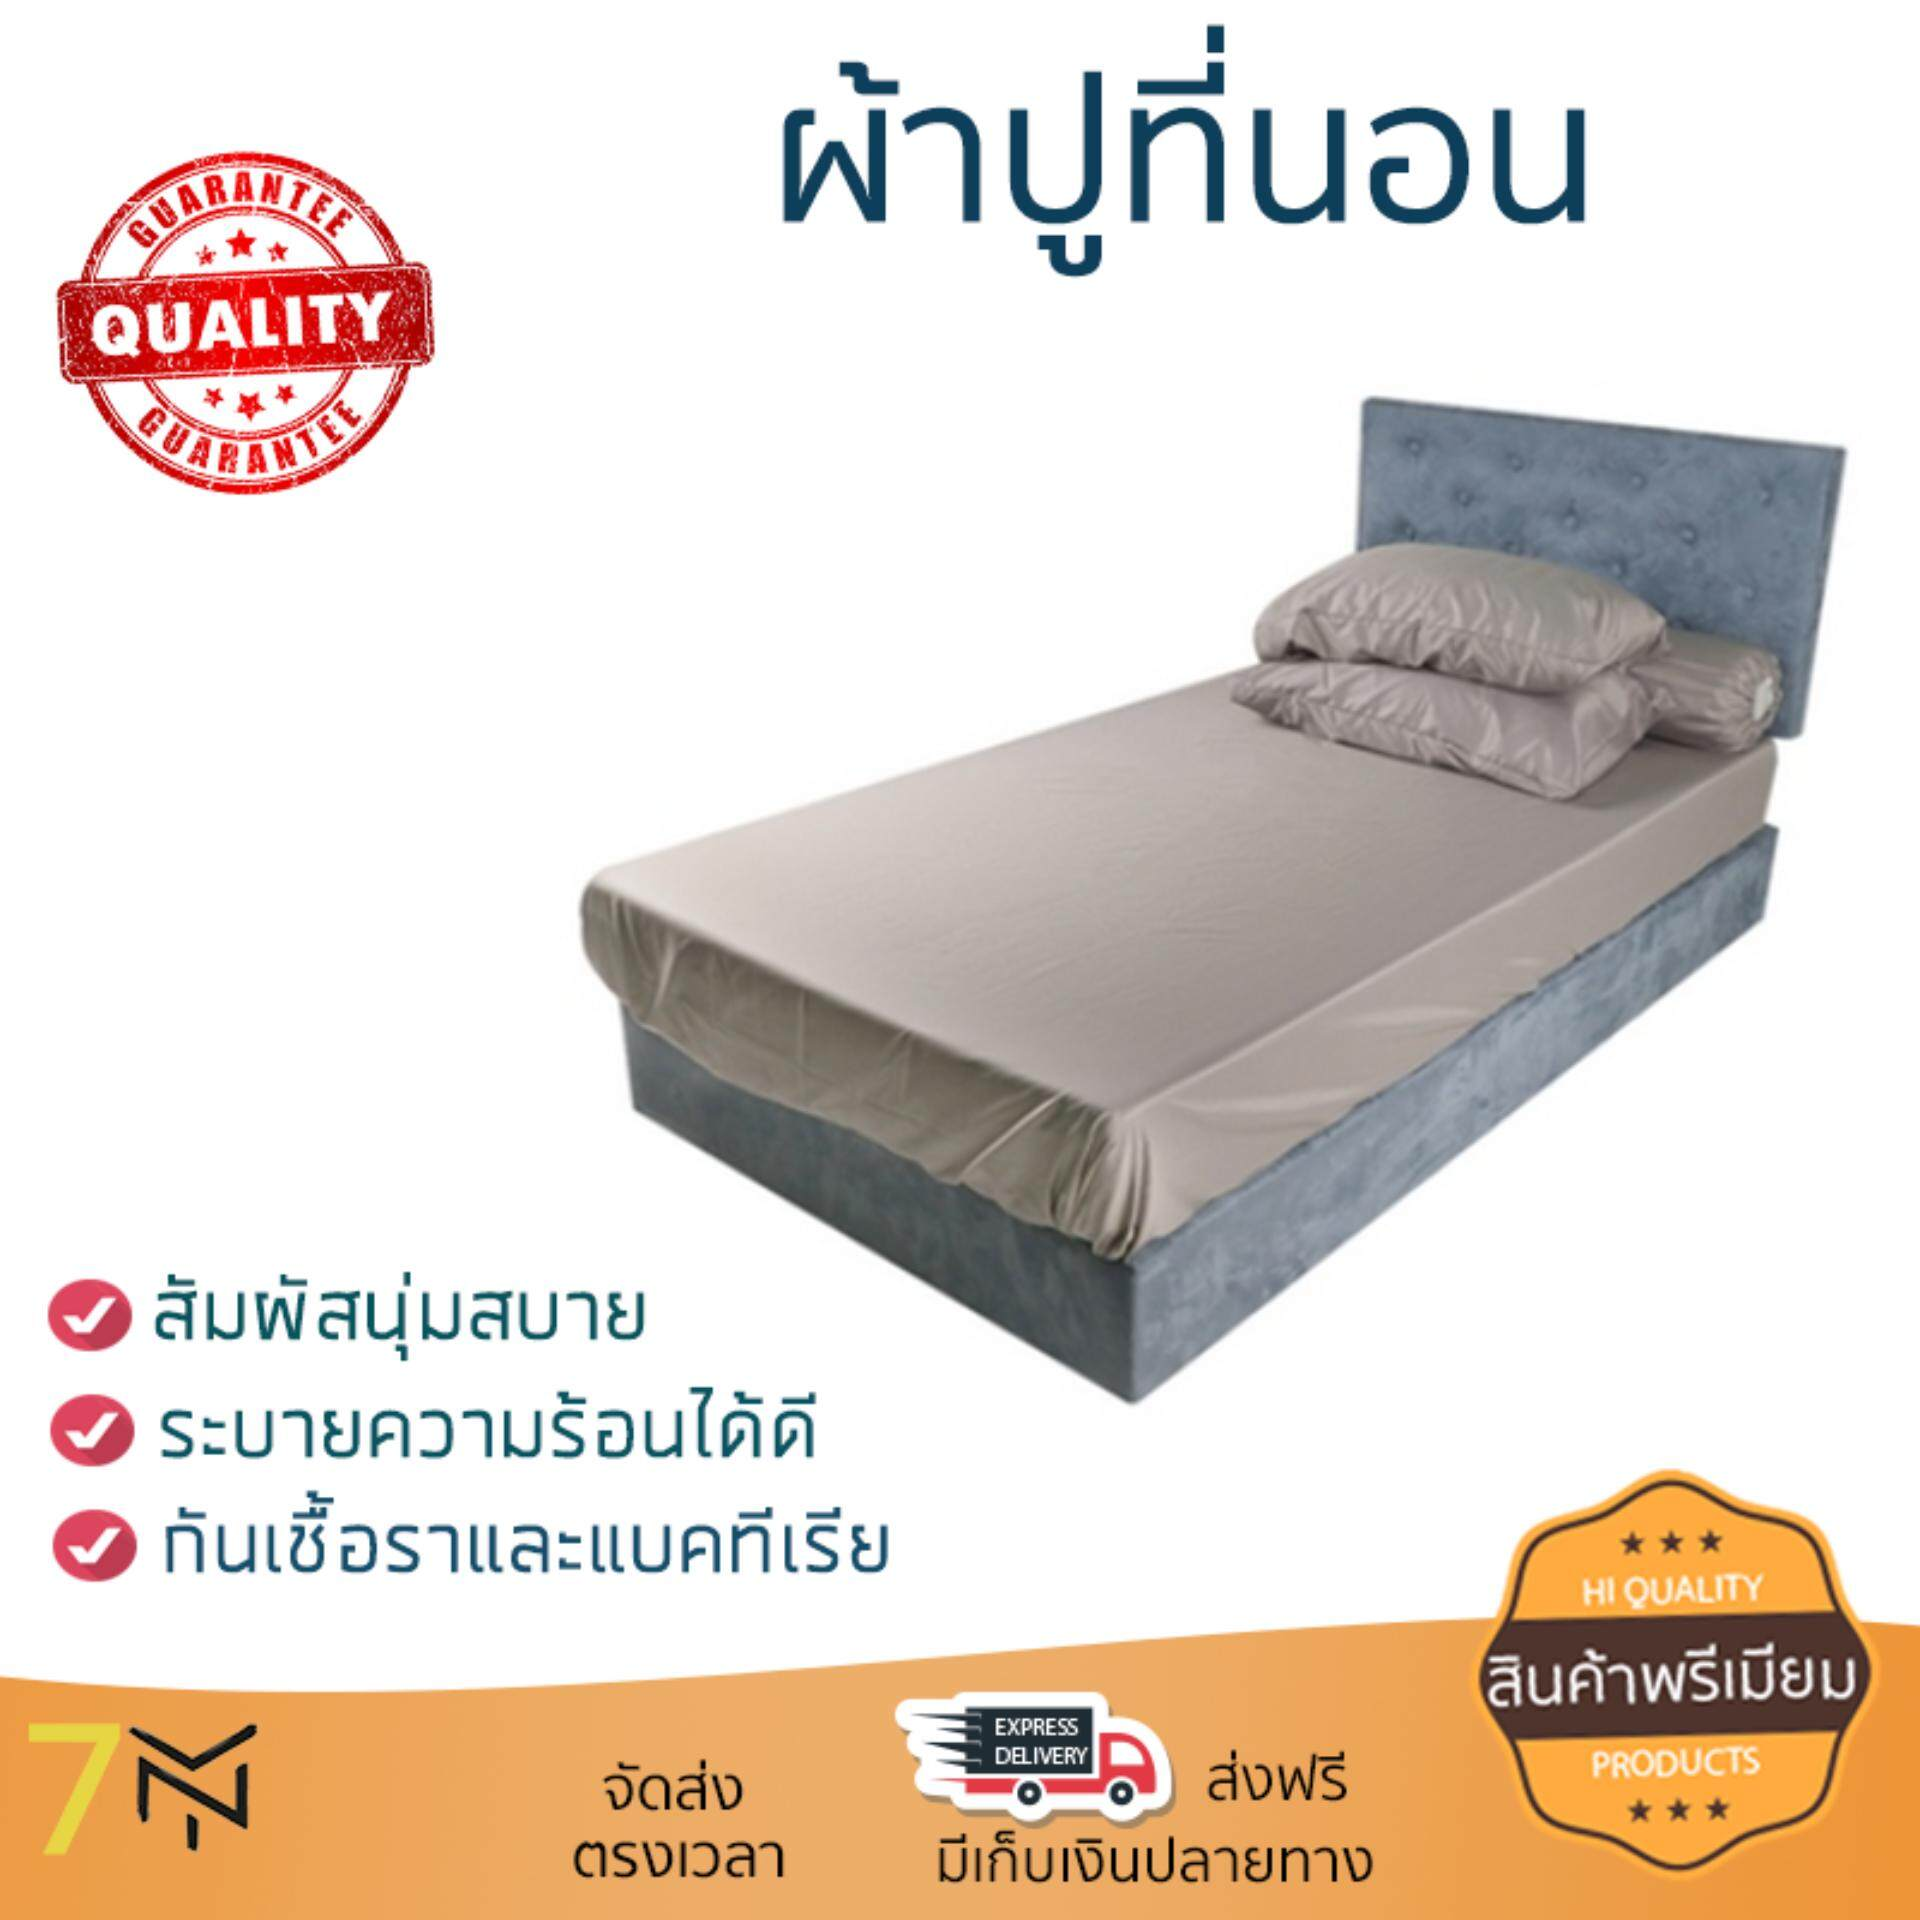 เก็บเงินปลายทางได้ ผ้าปูที่นอน ผ้าปูที่นอนกันไรฝุ่น ผ้าปู T3 HOME LIVING STYLE 375TC CLINIC GREY | HOME LIVING STYLE | ผ้าปู T3 CLINIC GREY สัมผัสนุ่ม นอนหลับสบาย เส้นใยทอพิเศษ ระบายความร้อนได้ดี กันเชื้อราและแบคทีเรีย Bed Sheet Set จัดส่งฟรี Kerry ทั่วประเทศ